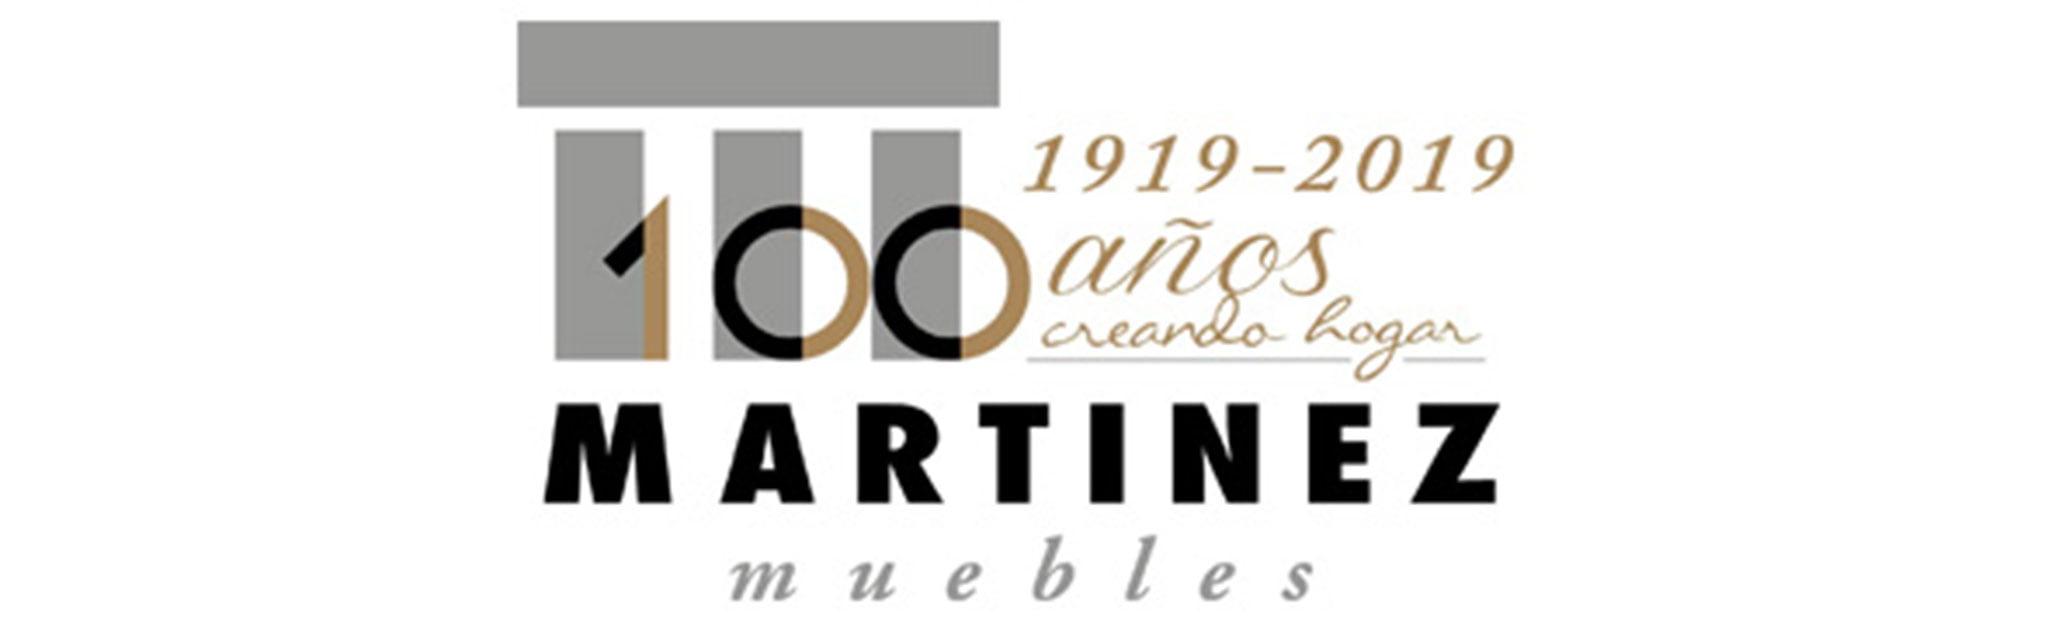 Logotipo de Muebles Martínez